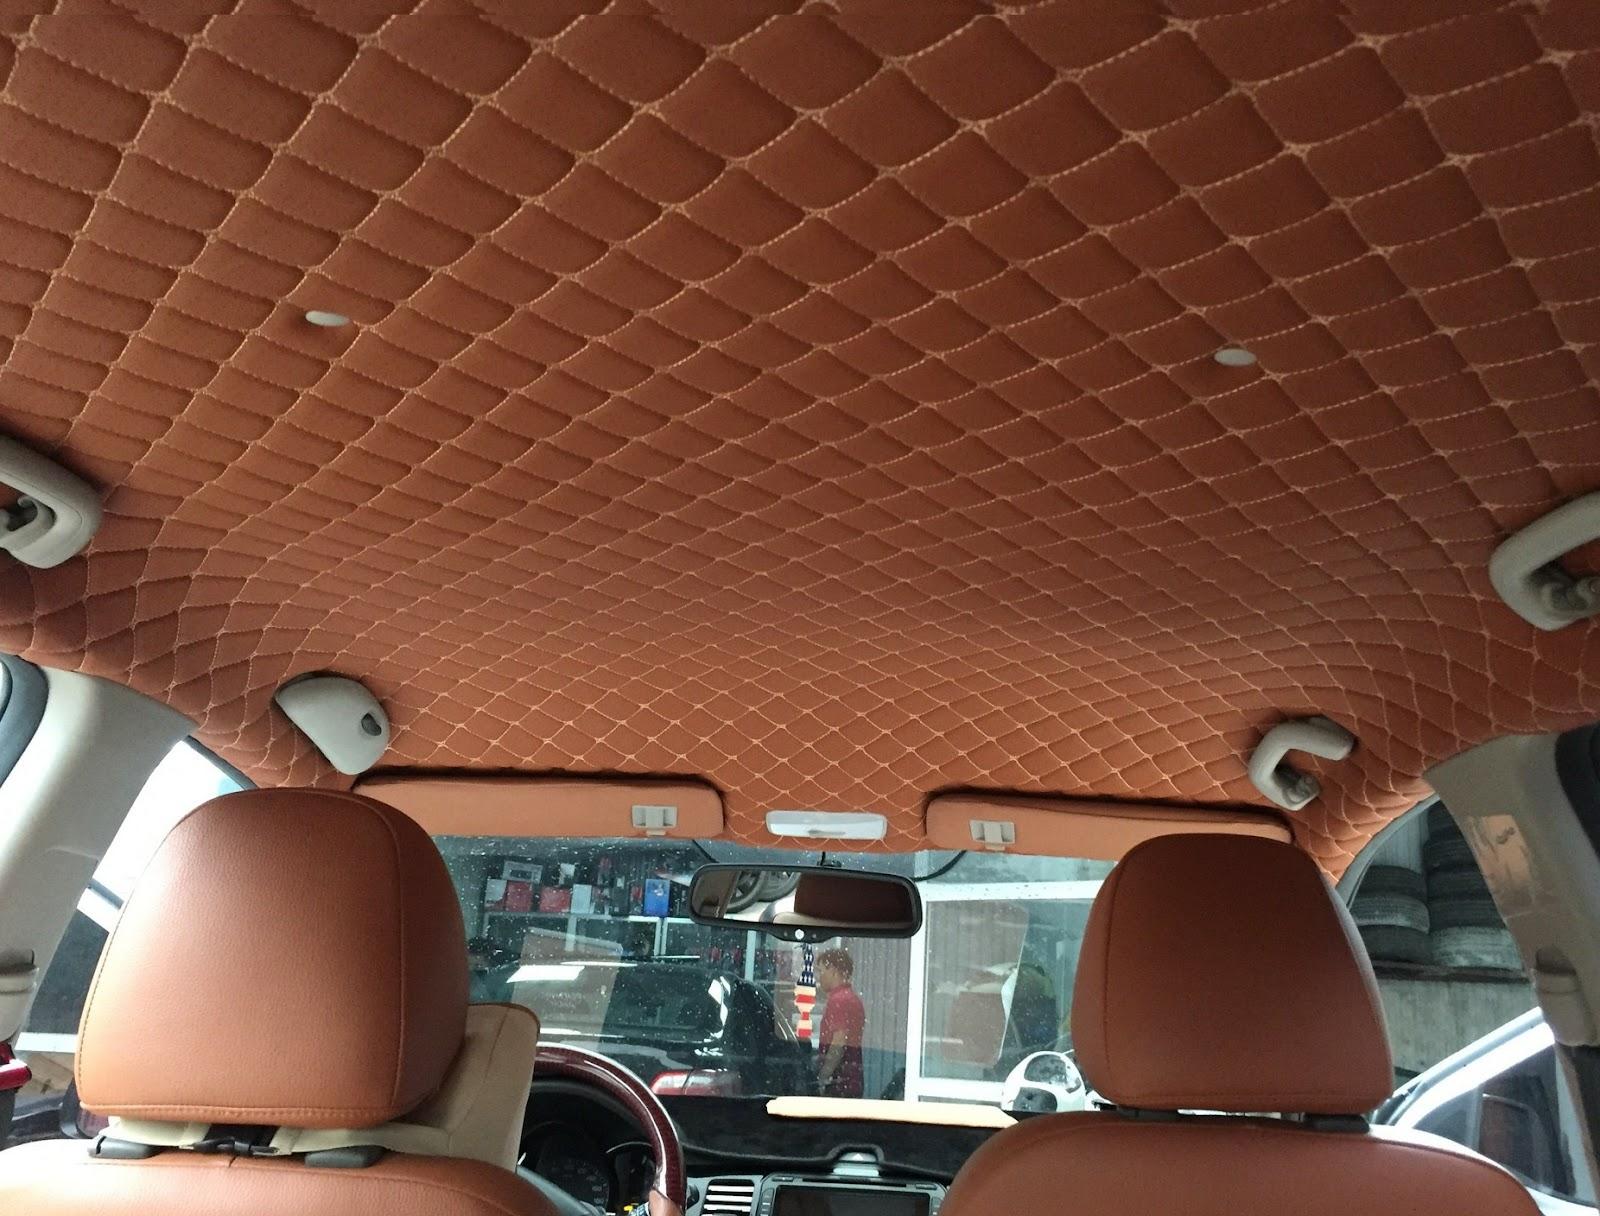 Xe ô tô của bạn rất cần thiết phải dán các đồ nội thất